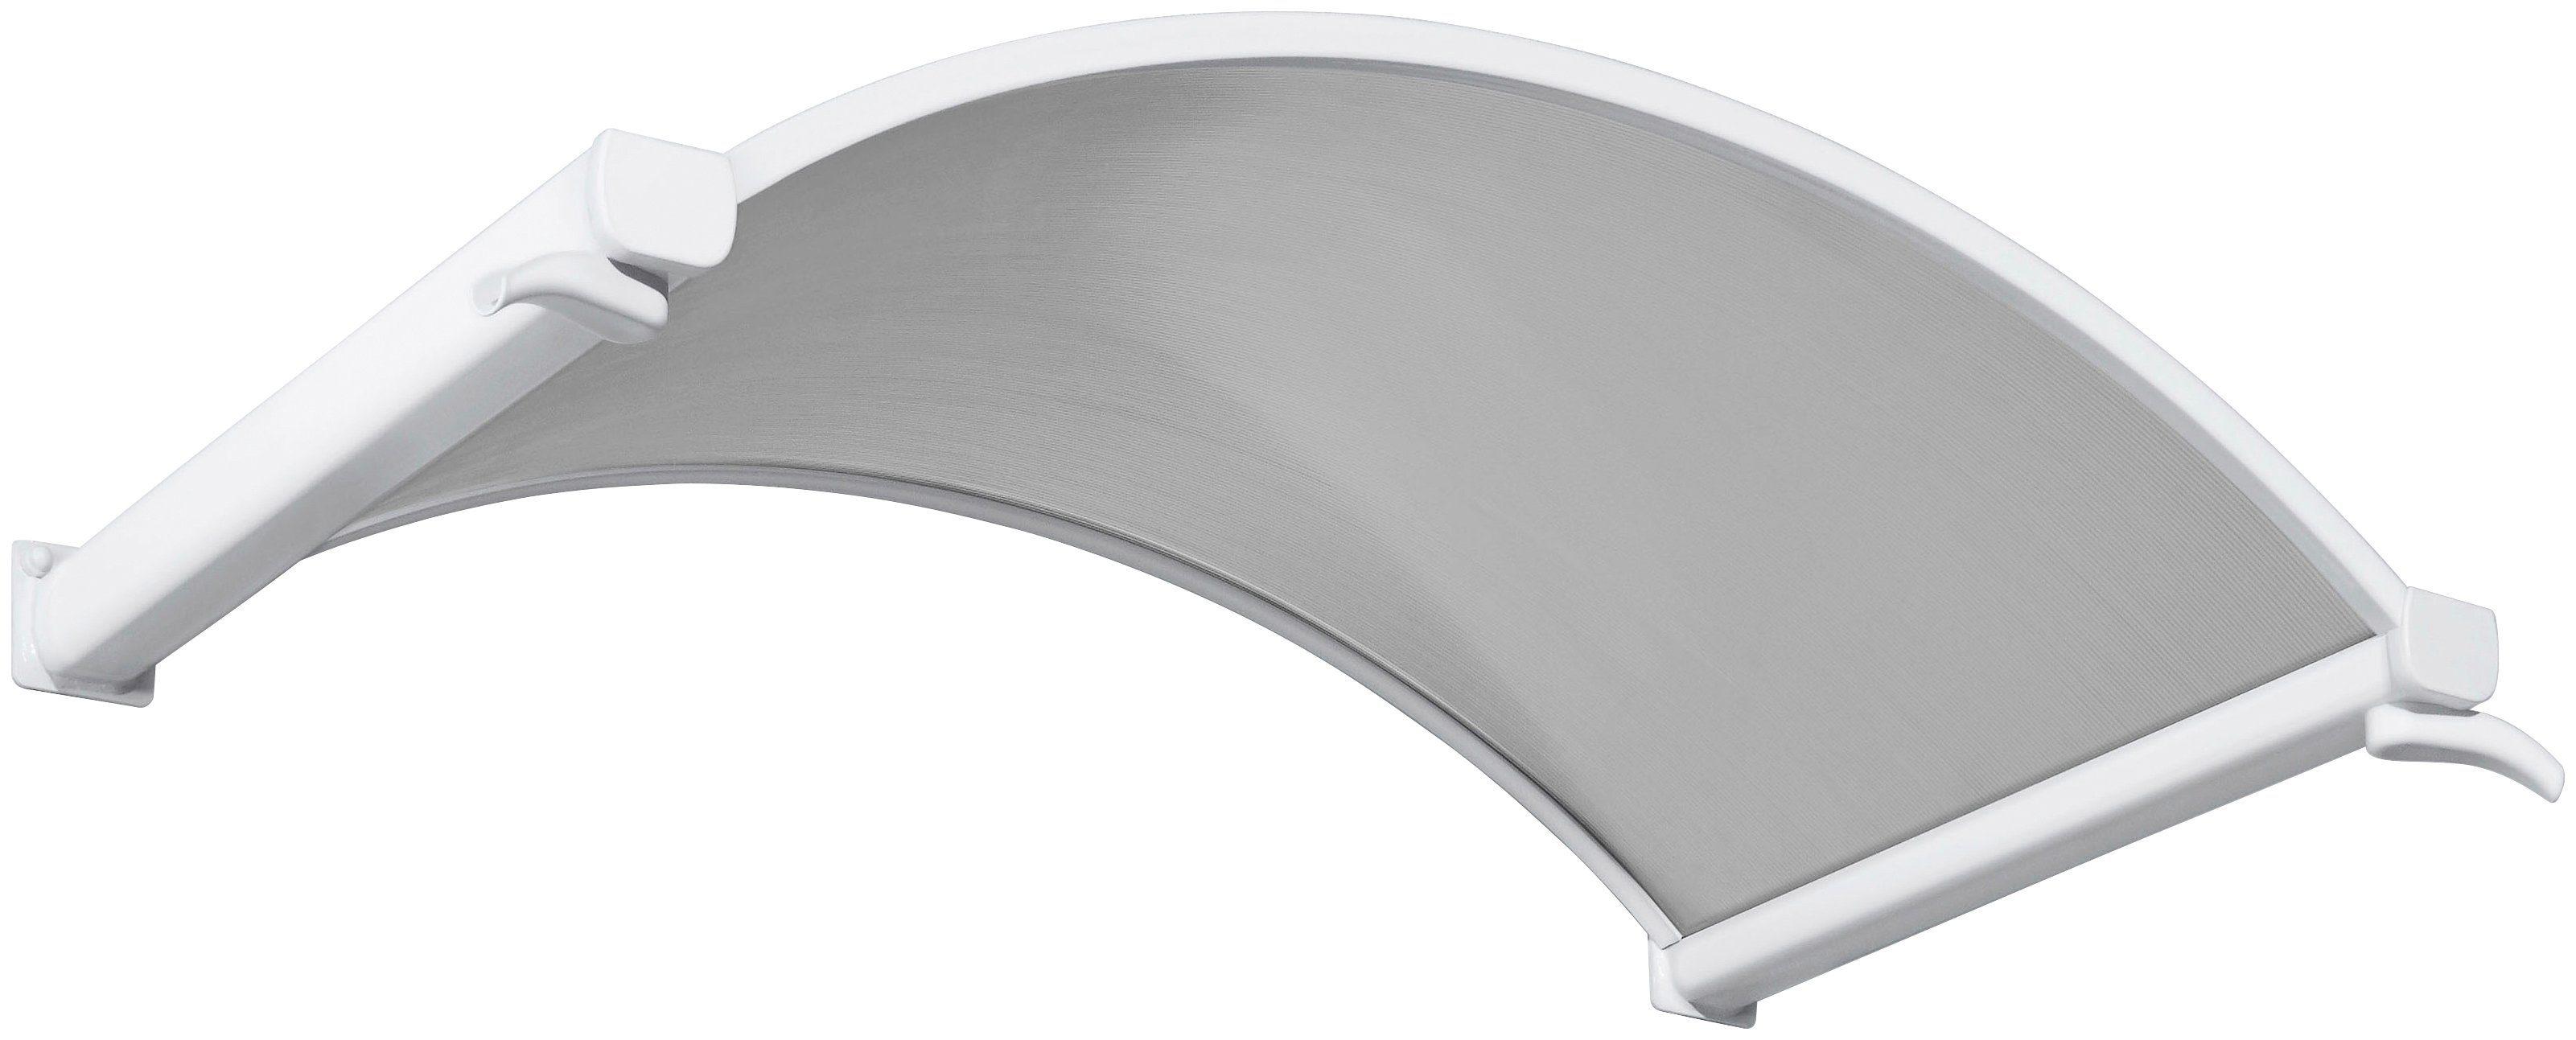 Rundbogenvordach, 160x90x30 cm, weiß-transparent